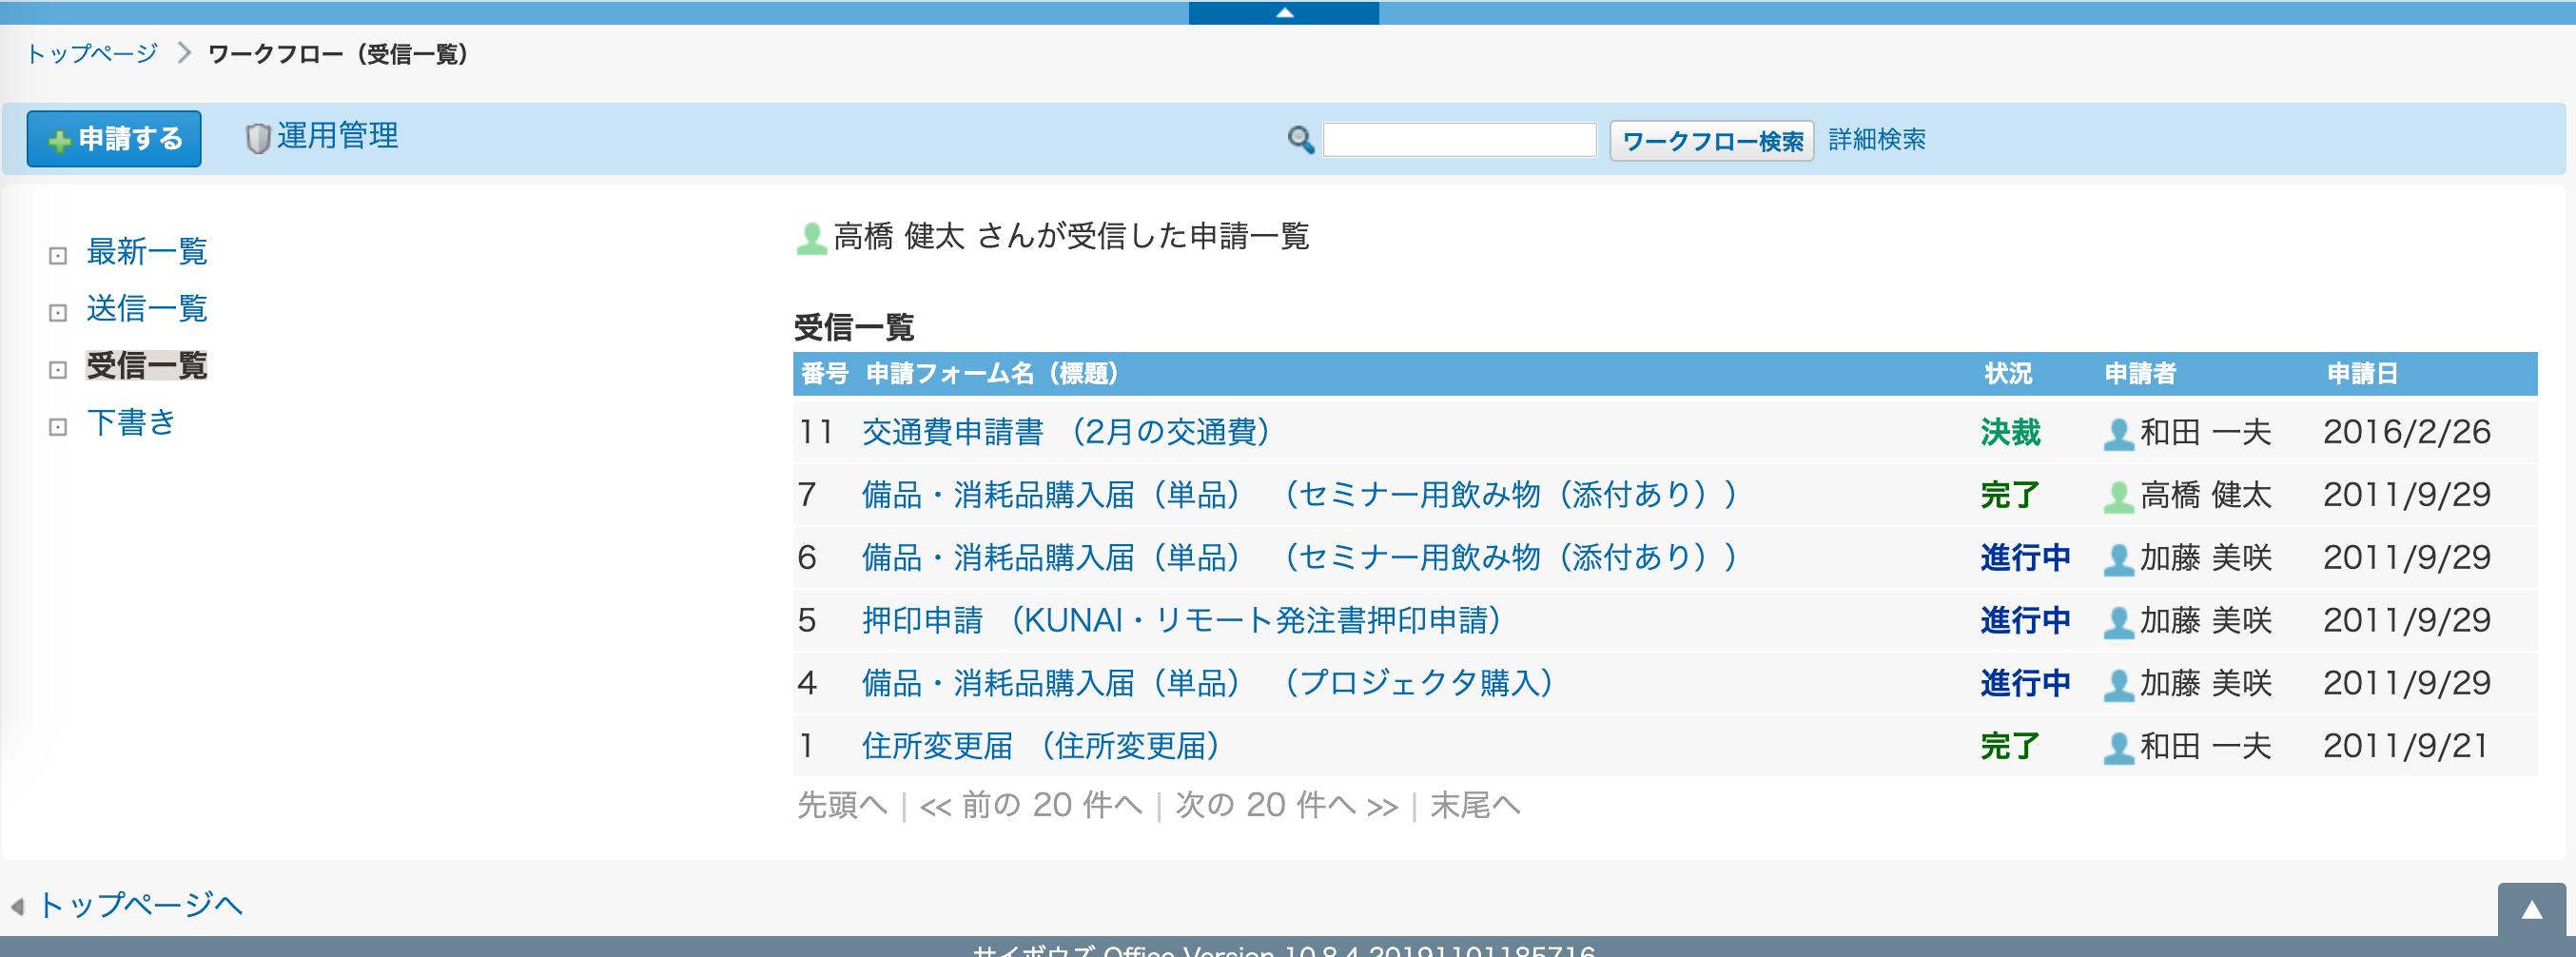 ワークフロー(受信一覧)_-_サイボウズ_Office.png